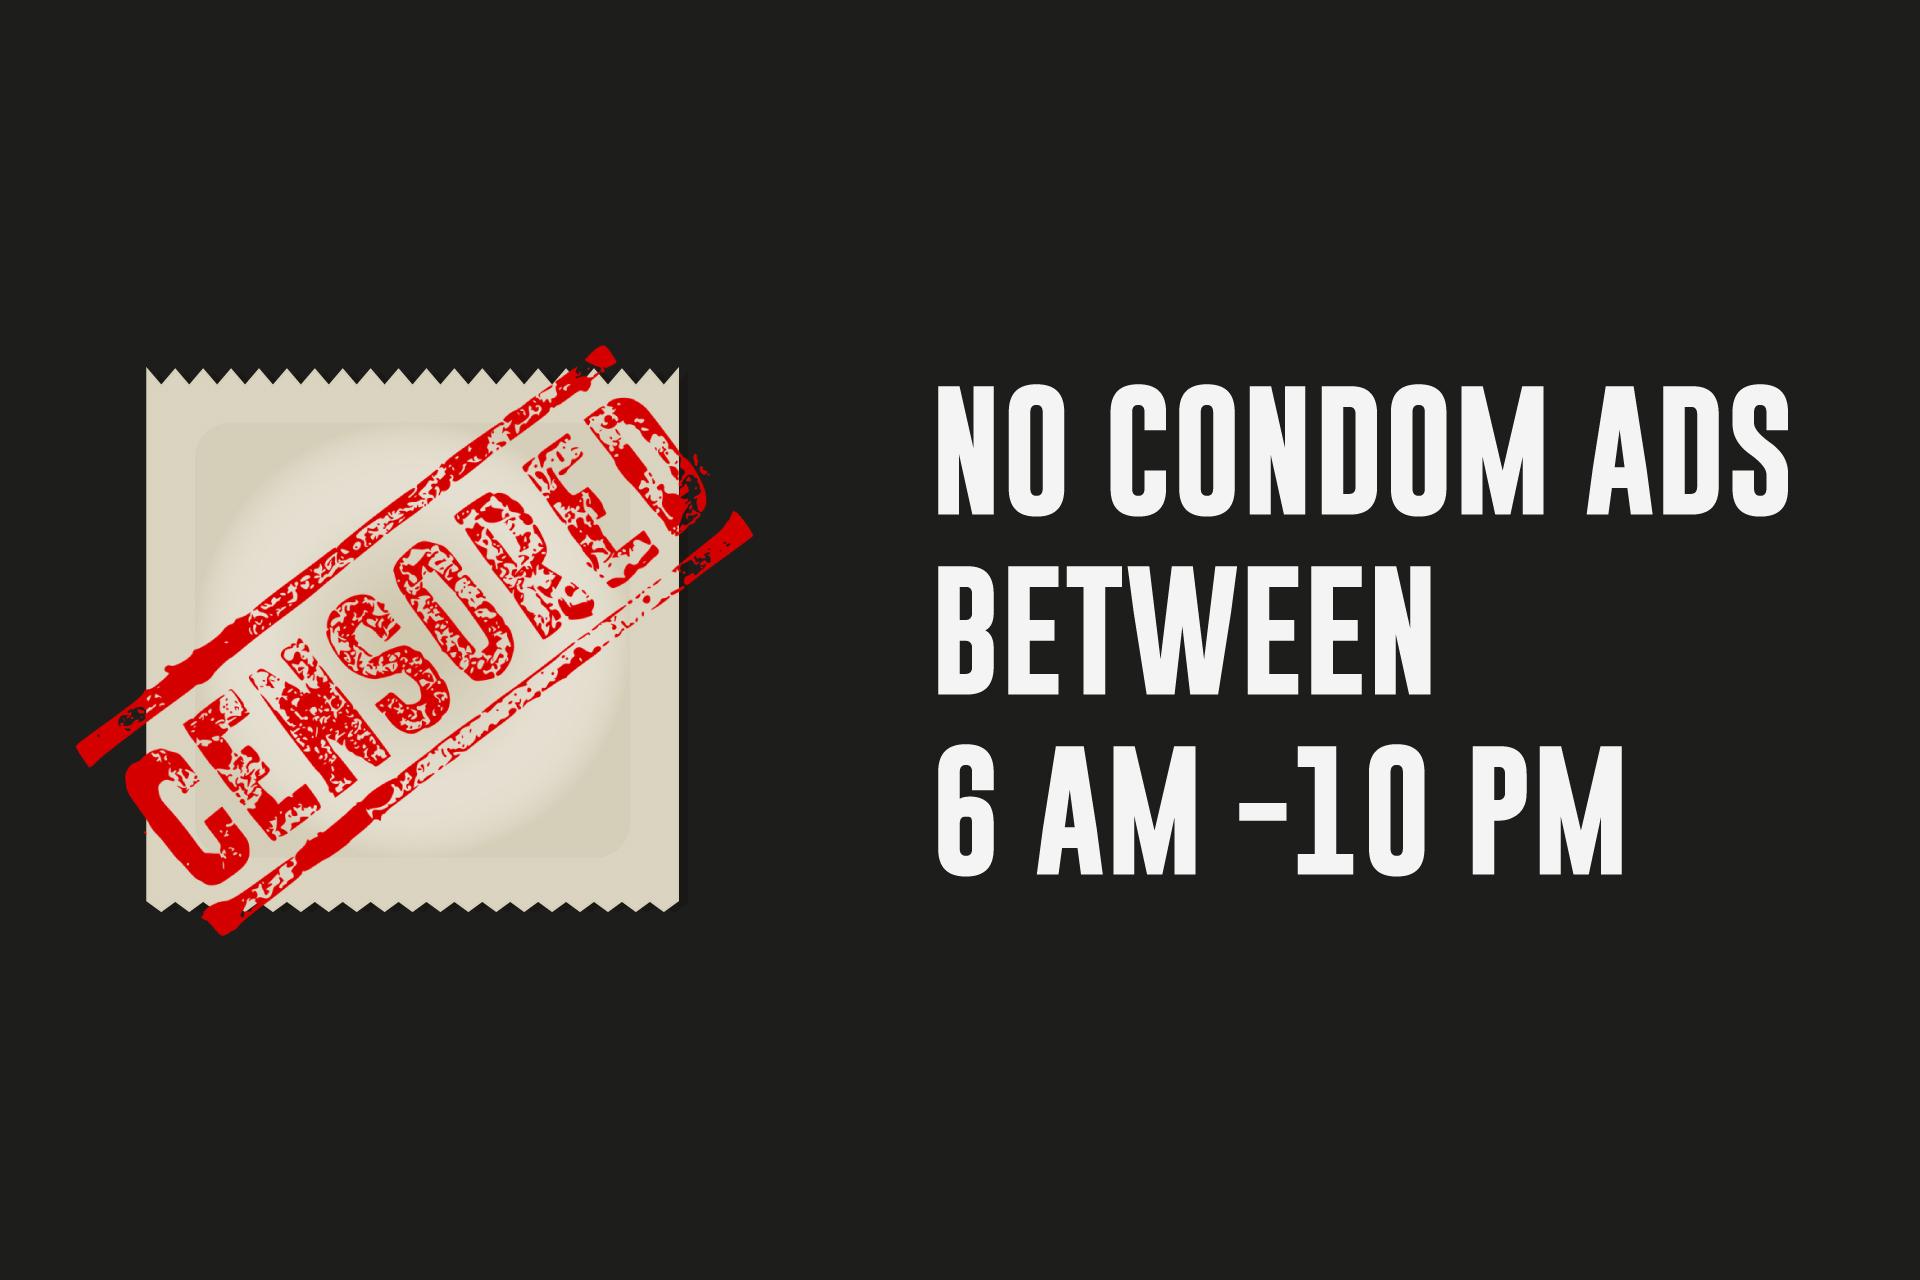 No Condom Ads between 6 am -10 pm